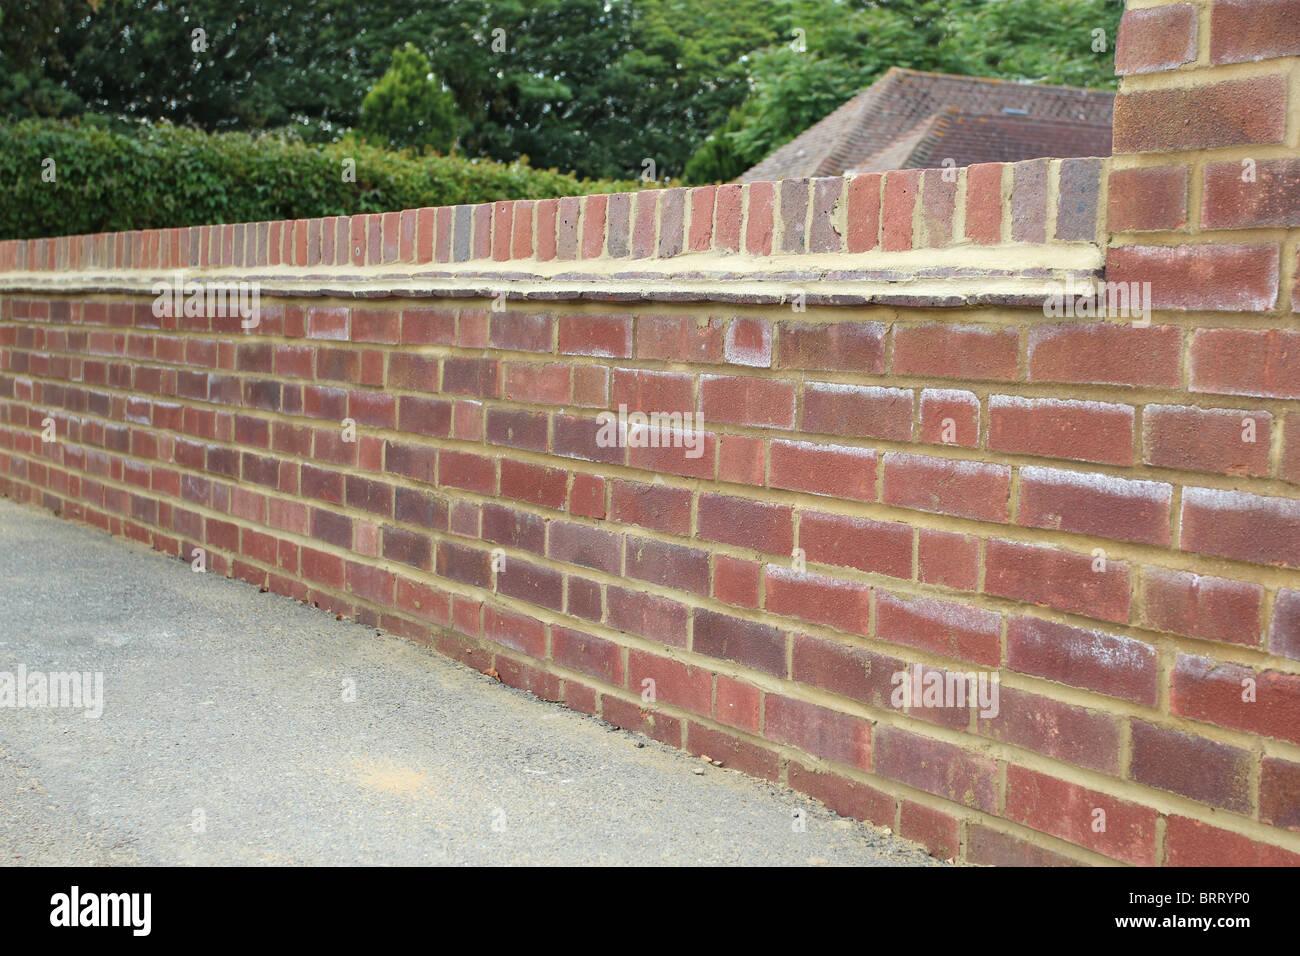 Mur de brique nouvellement construit à l'avant d'une maison. Photo Stock